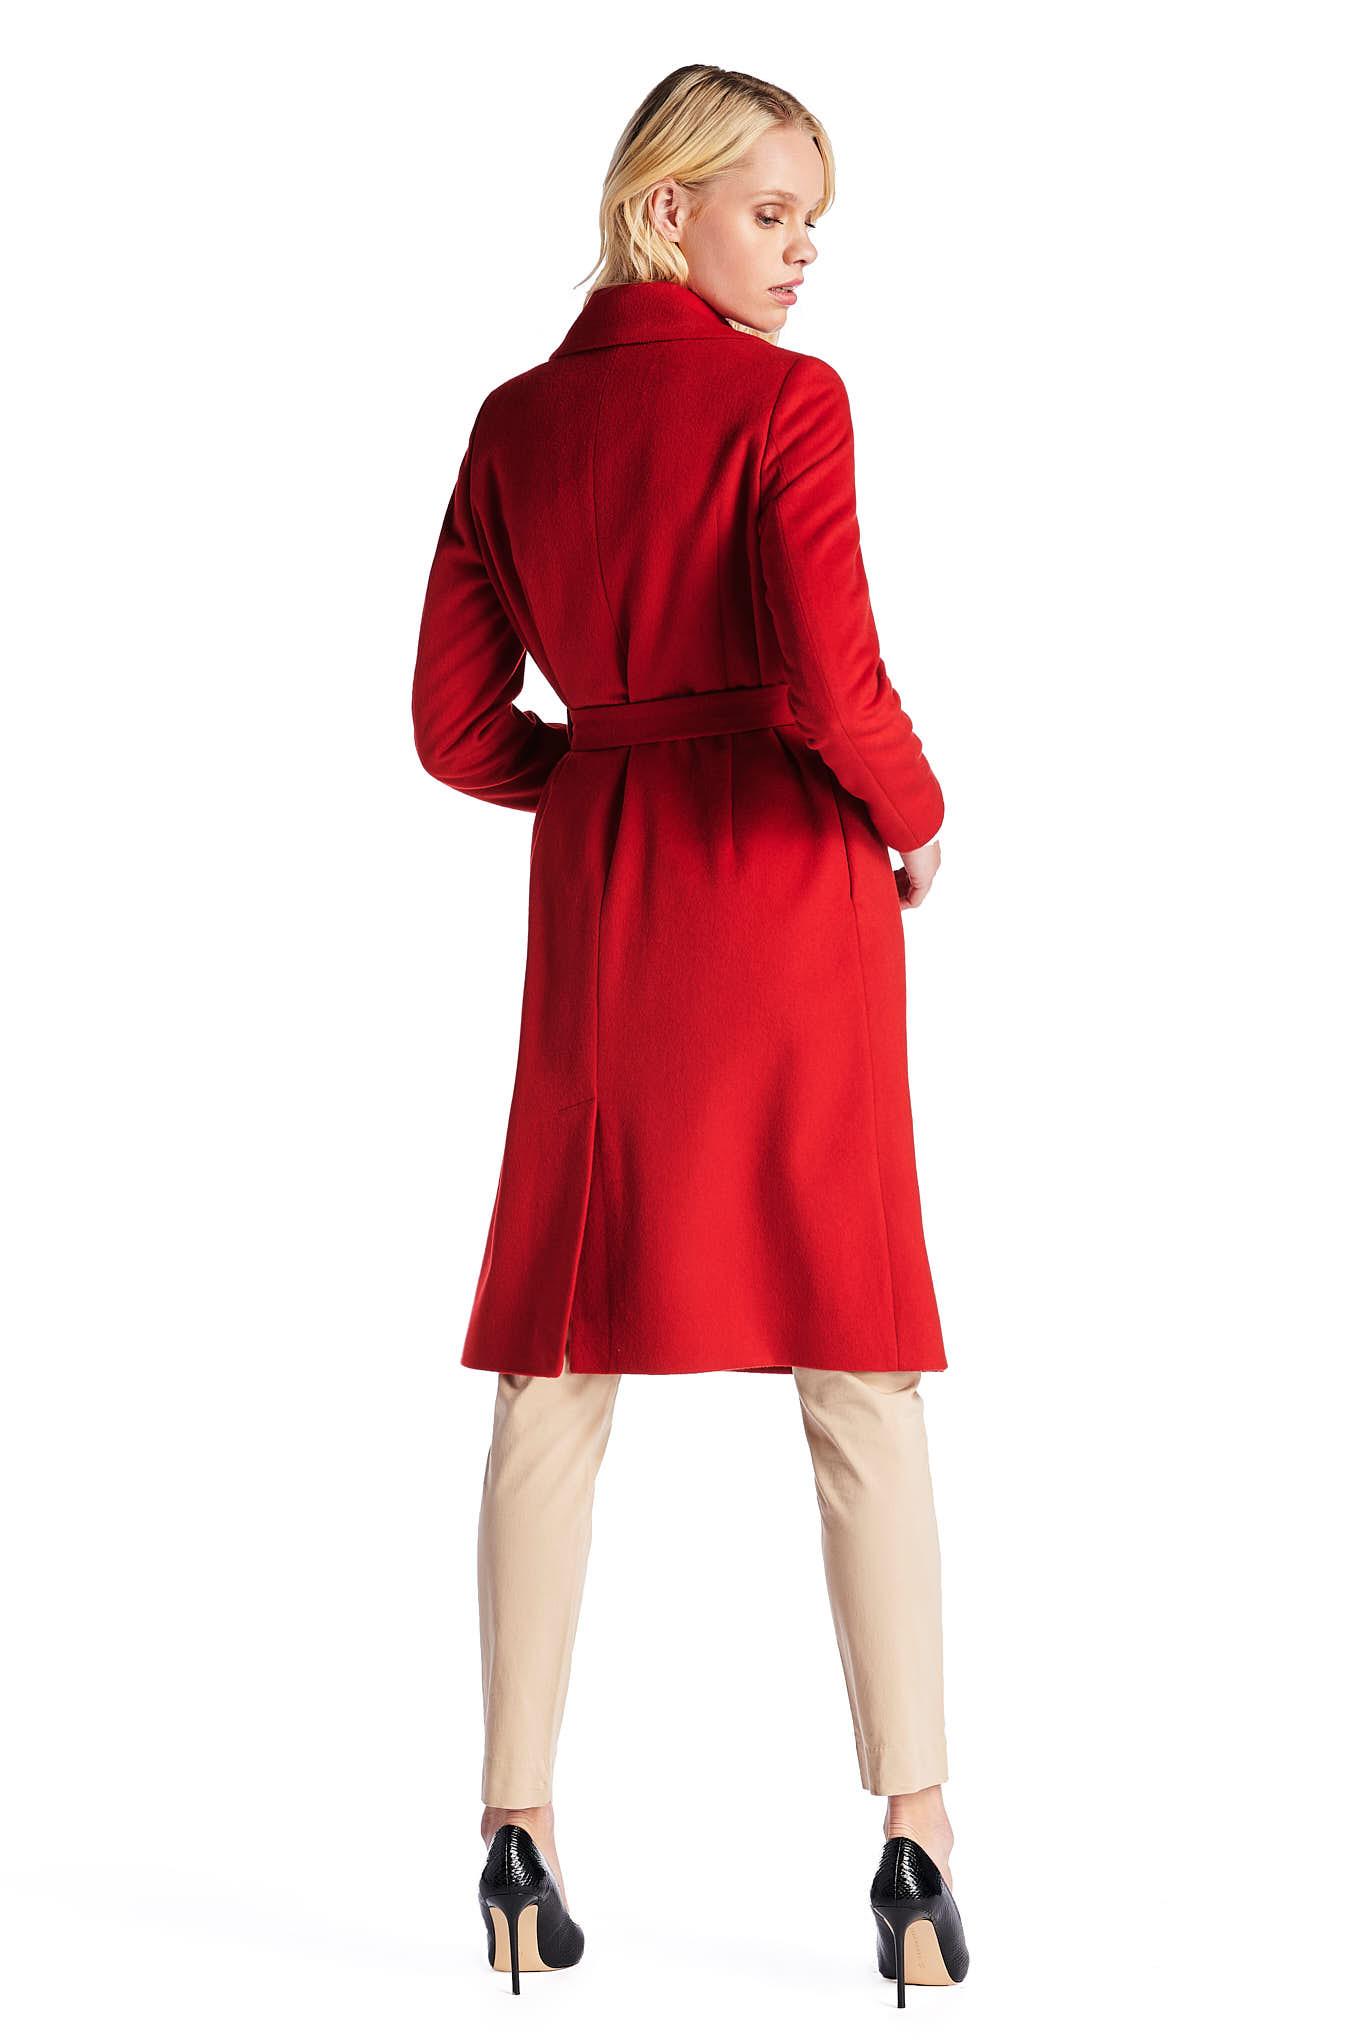 Sobretudo Vermelho Casual Mulher